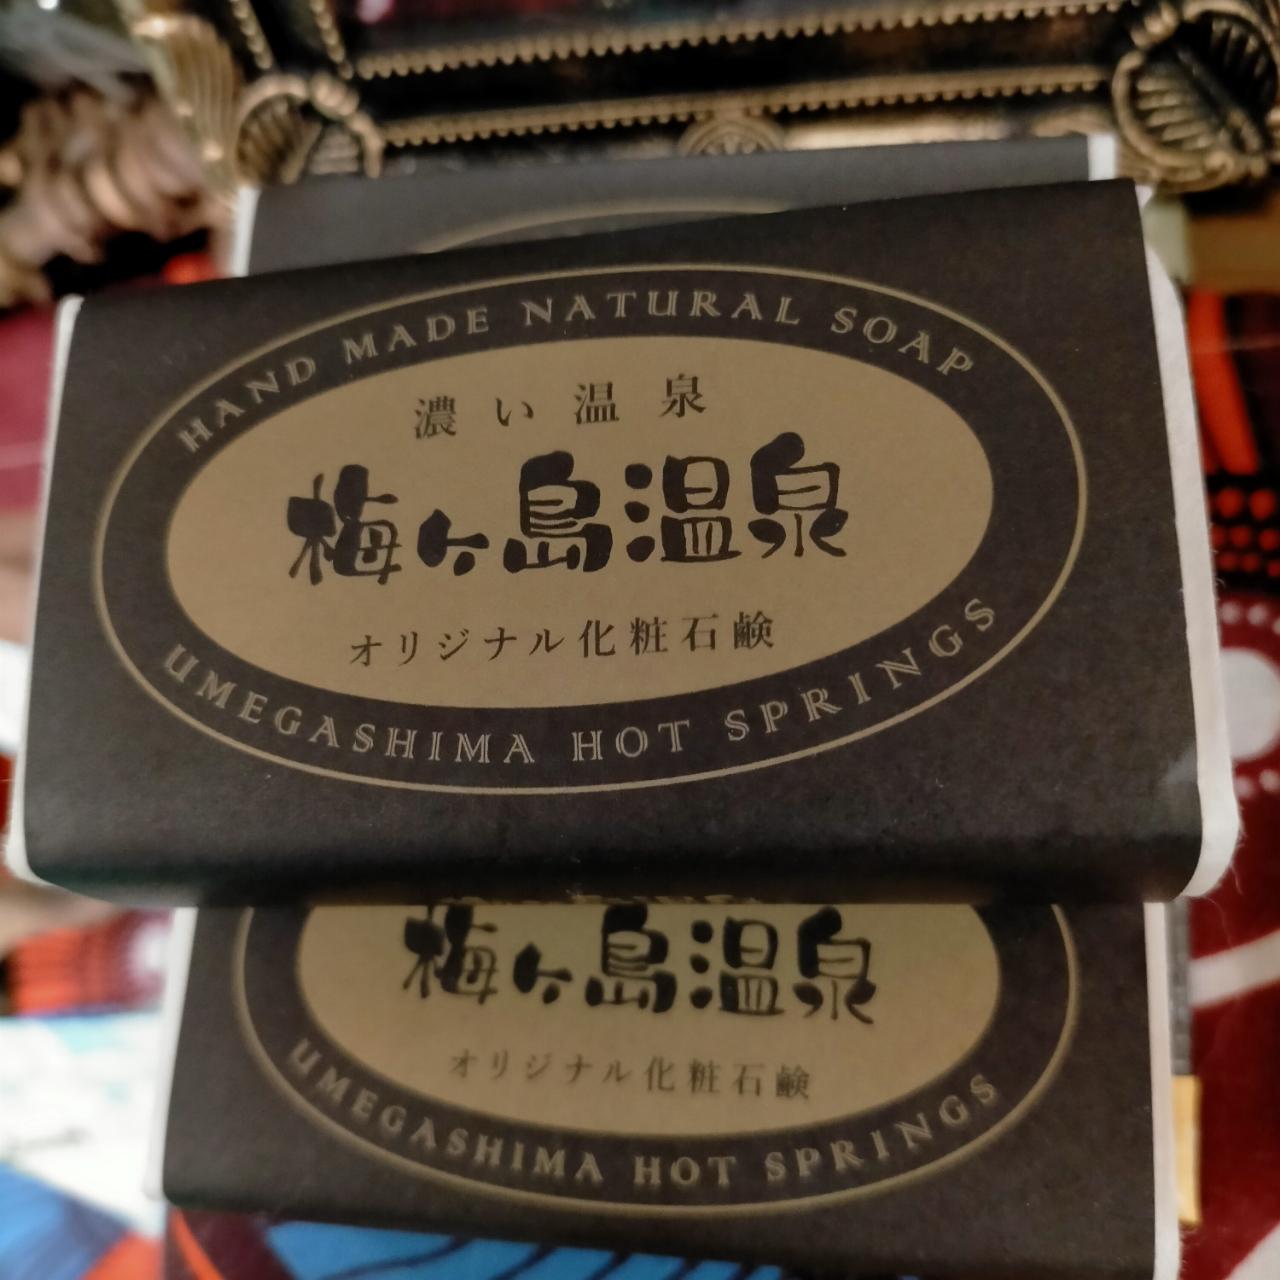 梅ヶ島温泉オリジナル石鹸